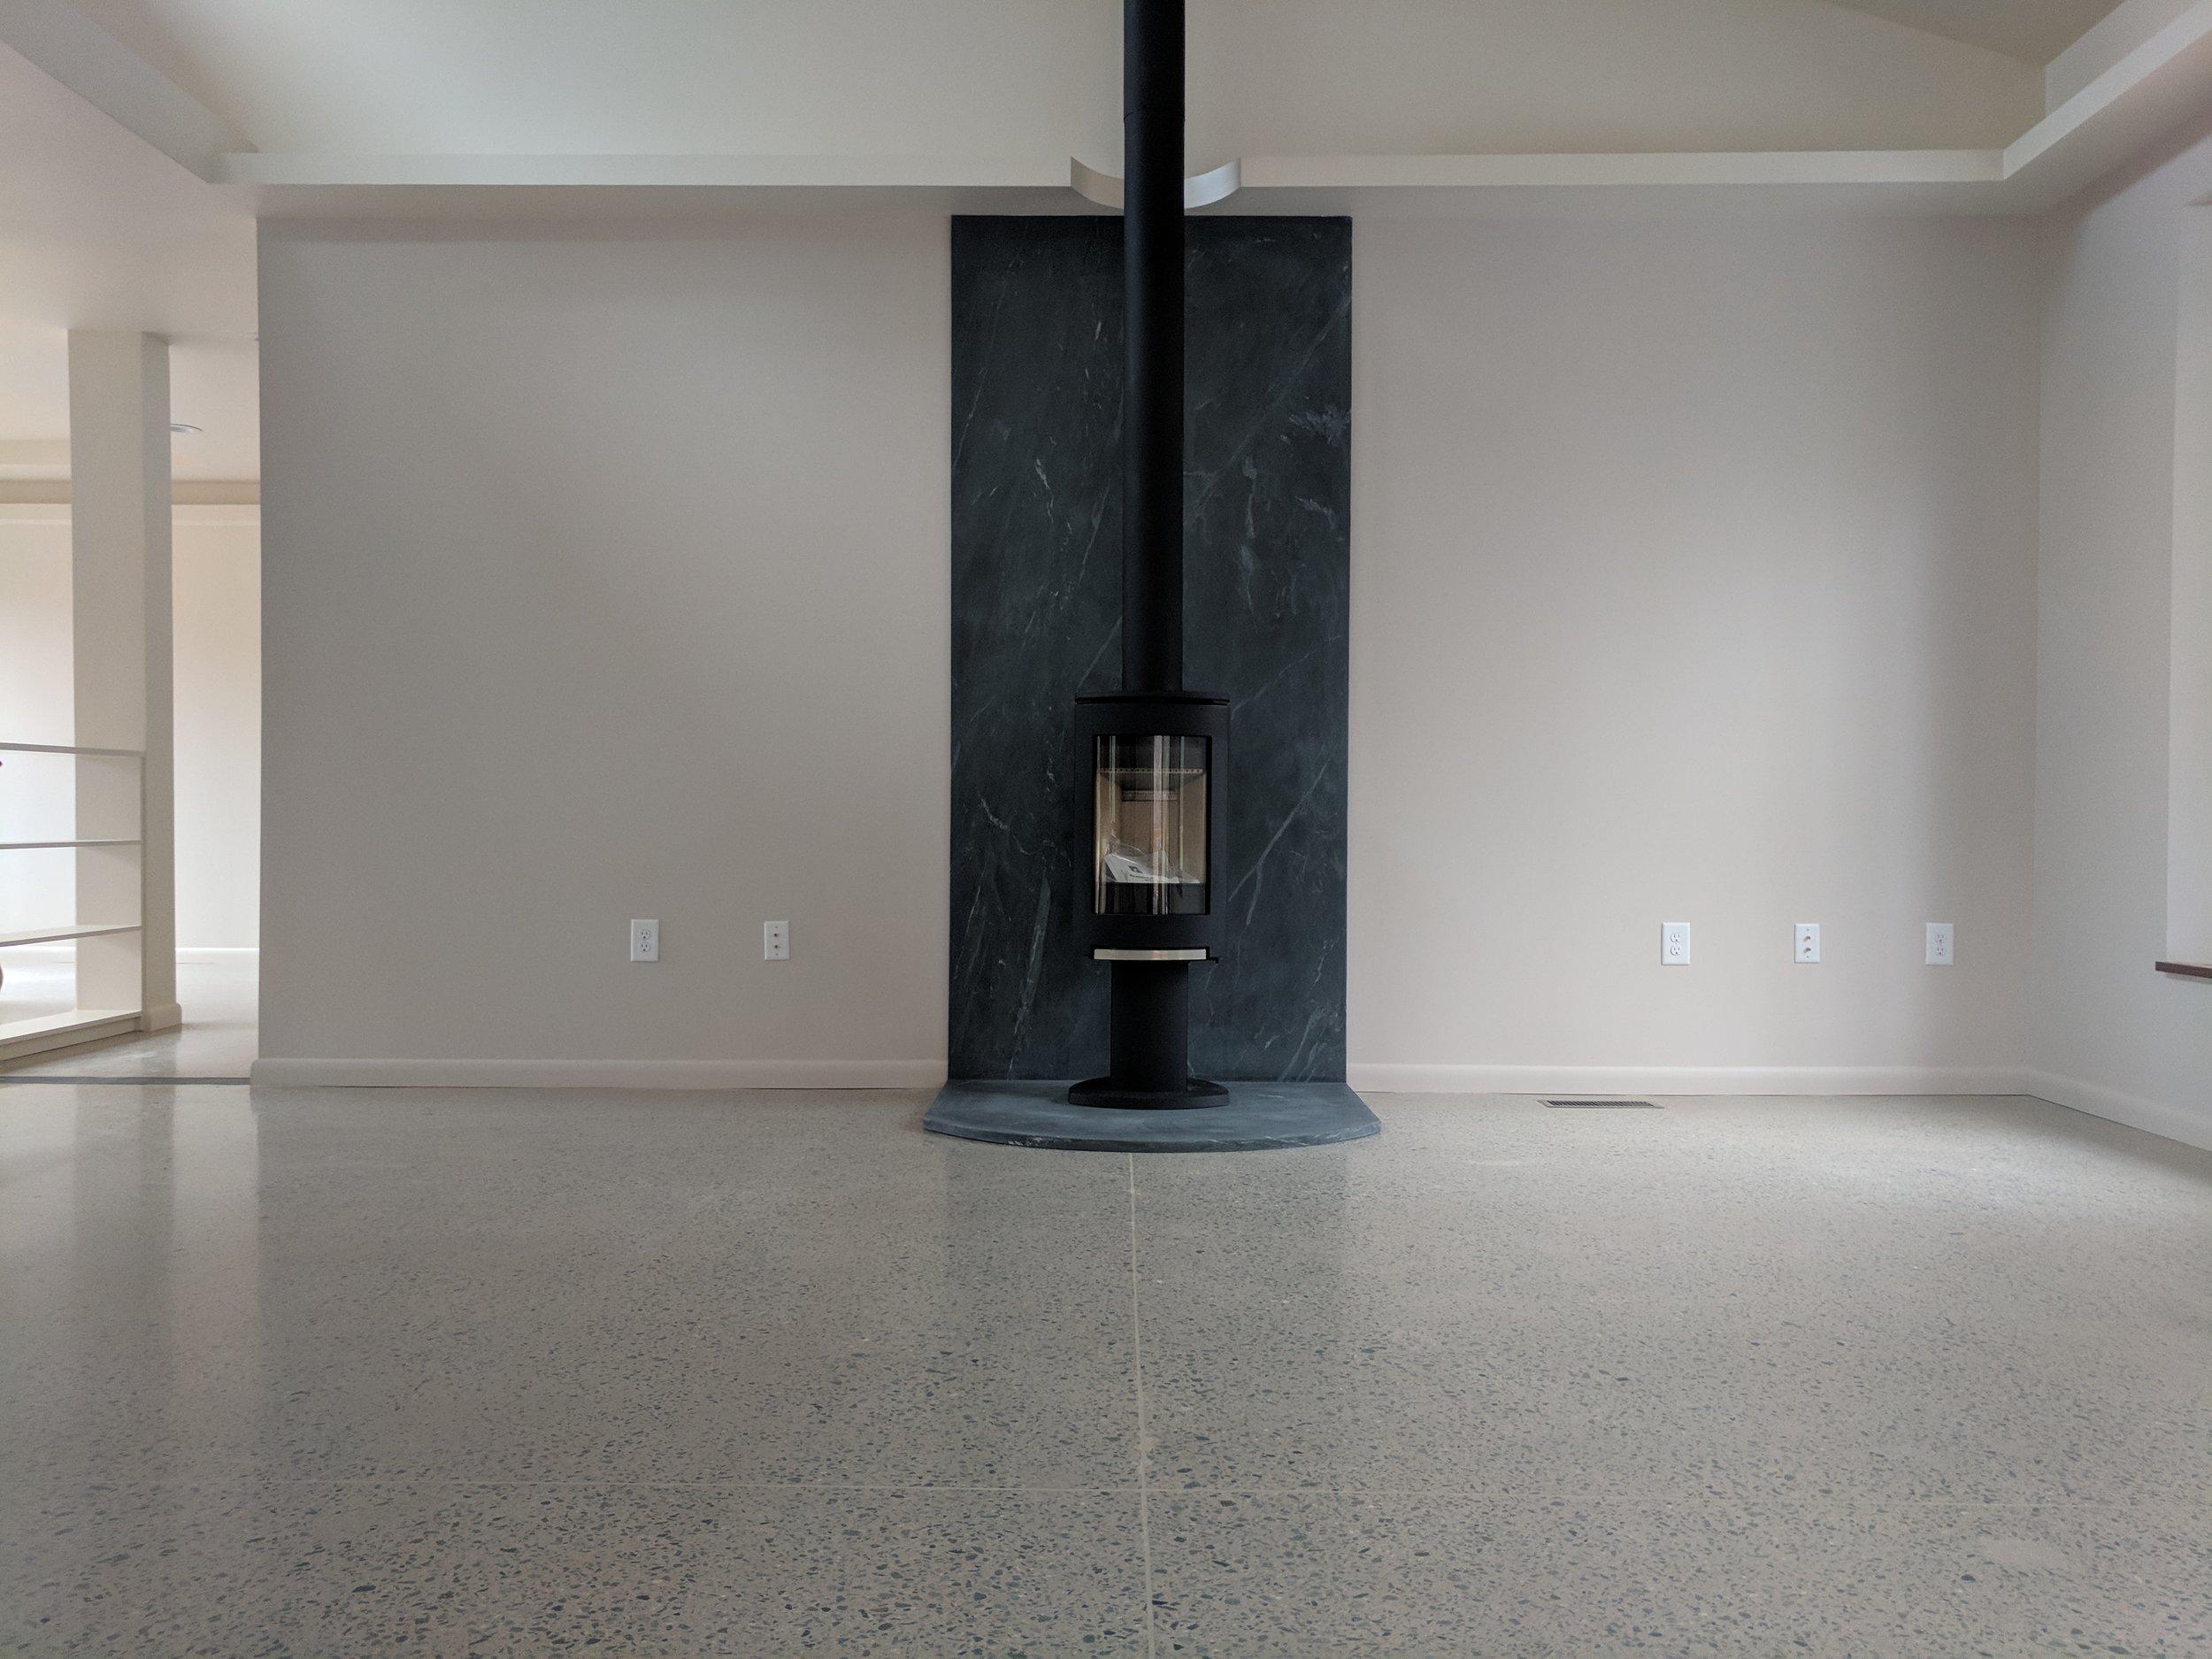 400 Grit Deep Grind Polished Concrete